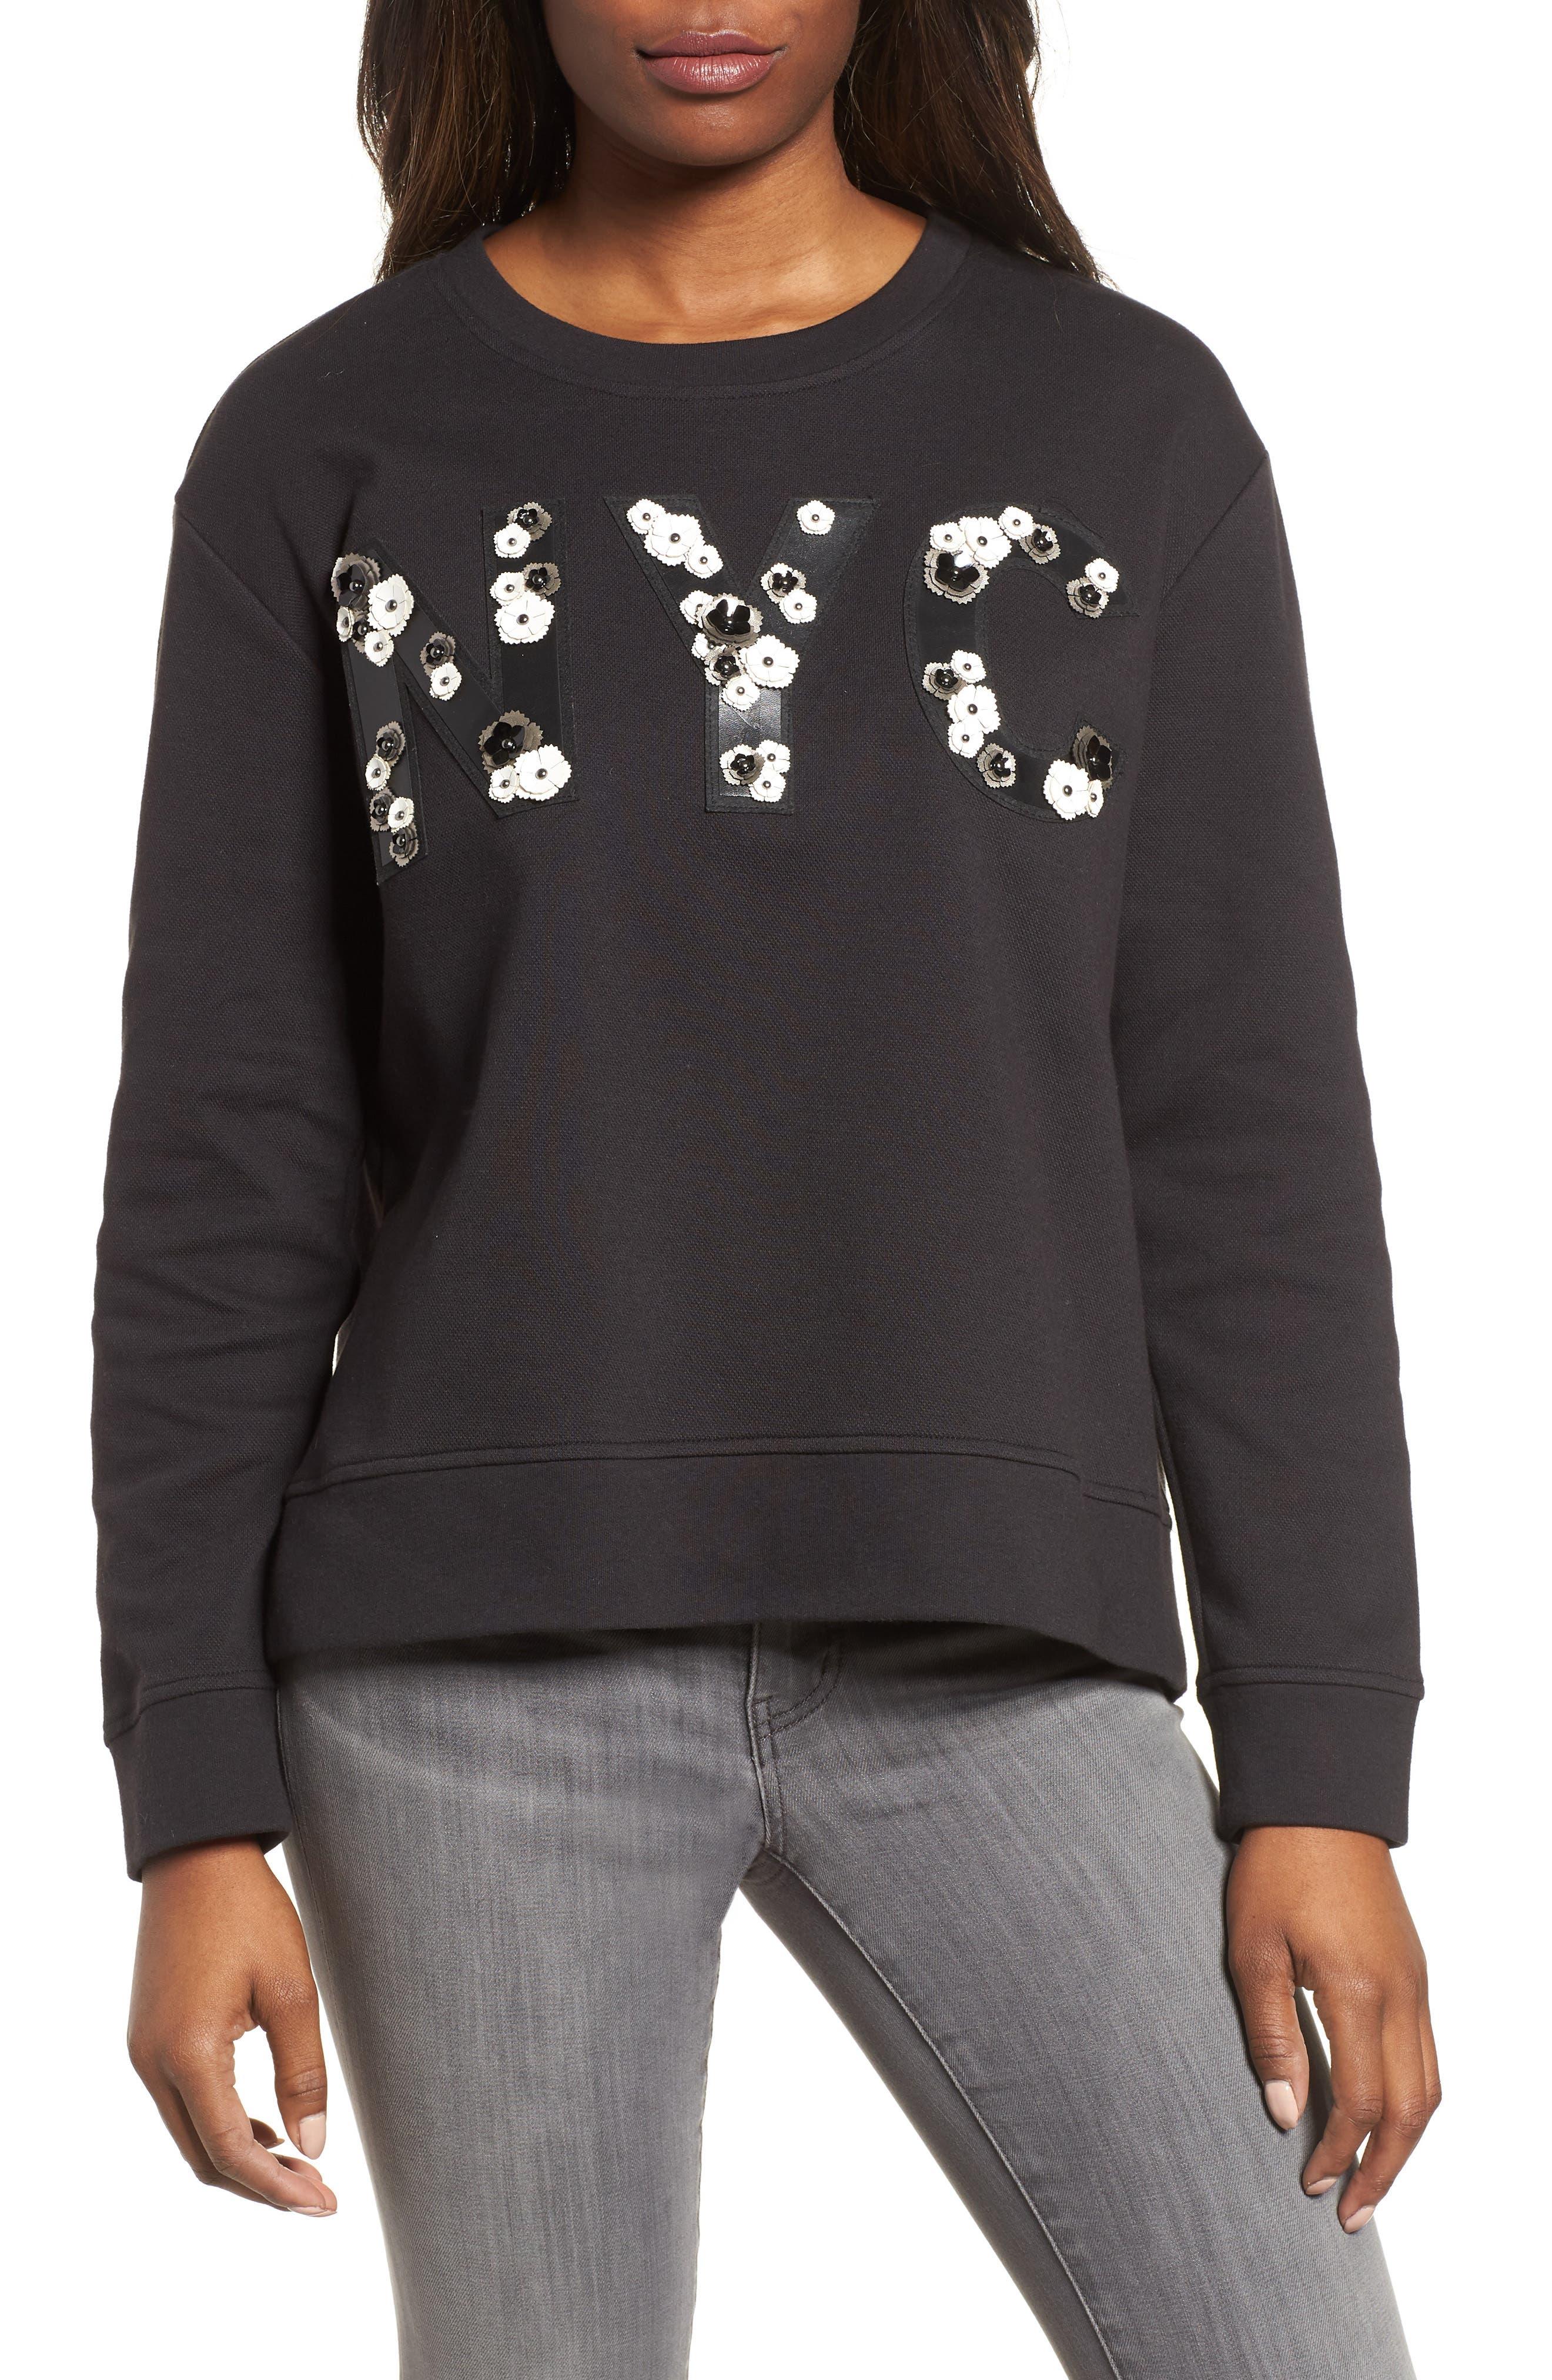 NYC Sweatshirt,                             Main thumbnail 1, color,                             BLACK